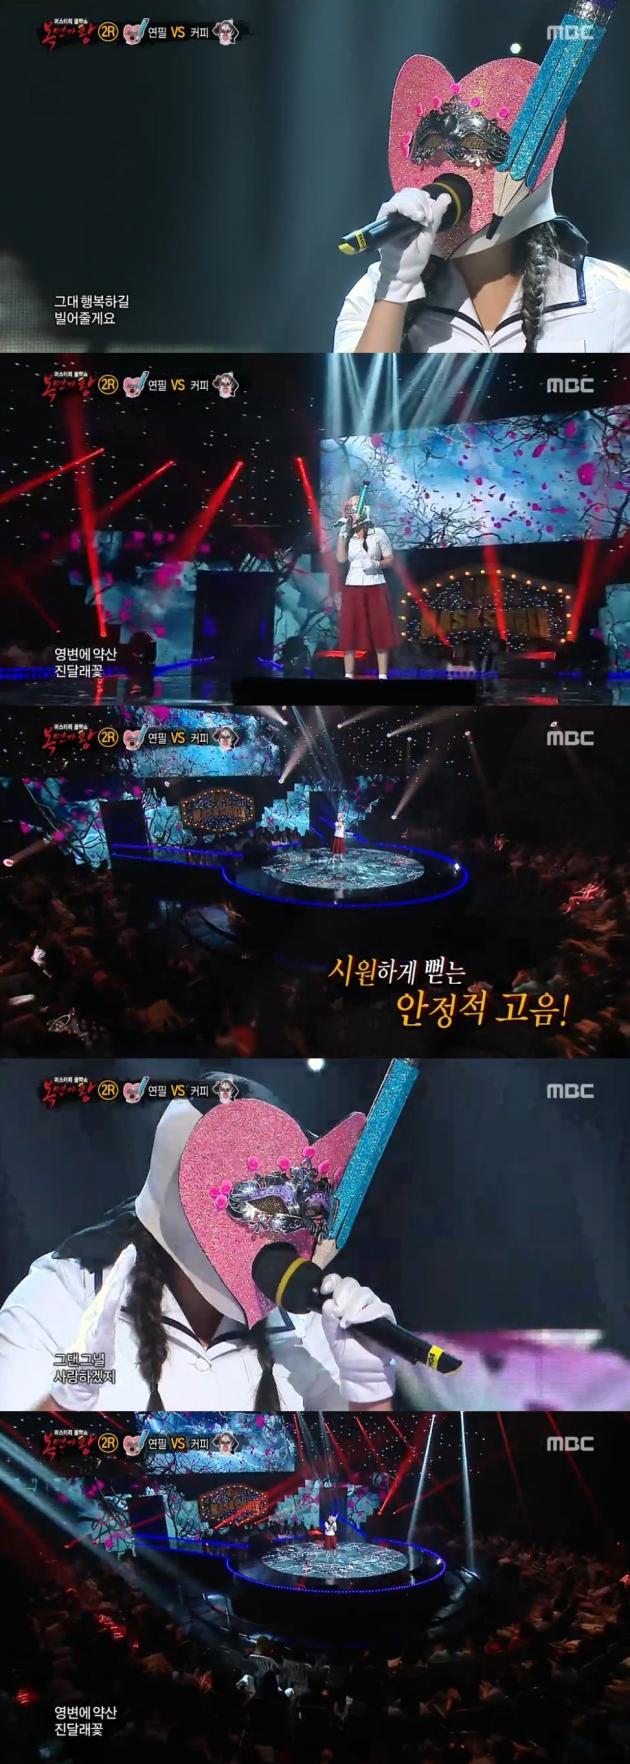 '복면가왕' 연필 / '복면가왕' 연필 사진=MBC 방송 캡처